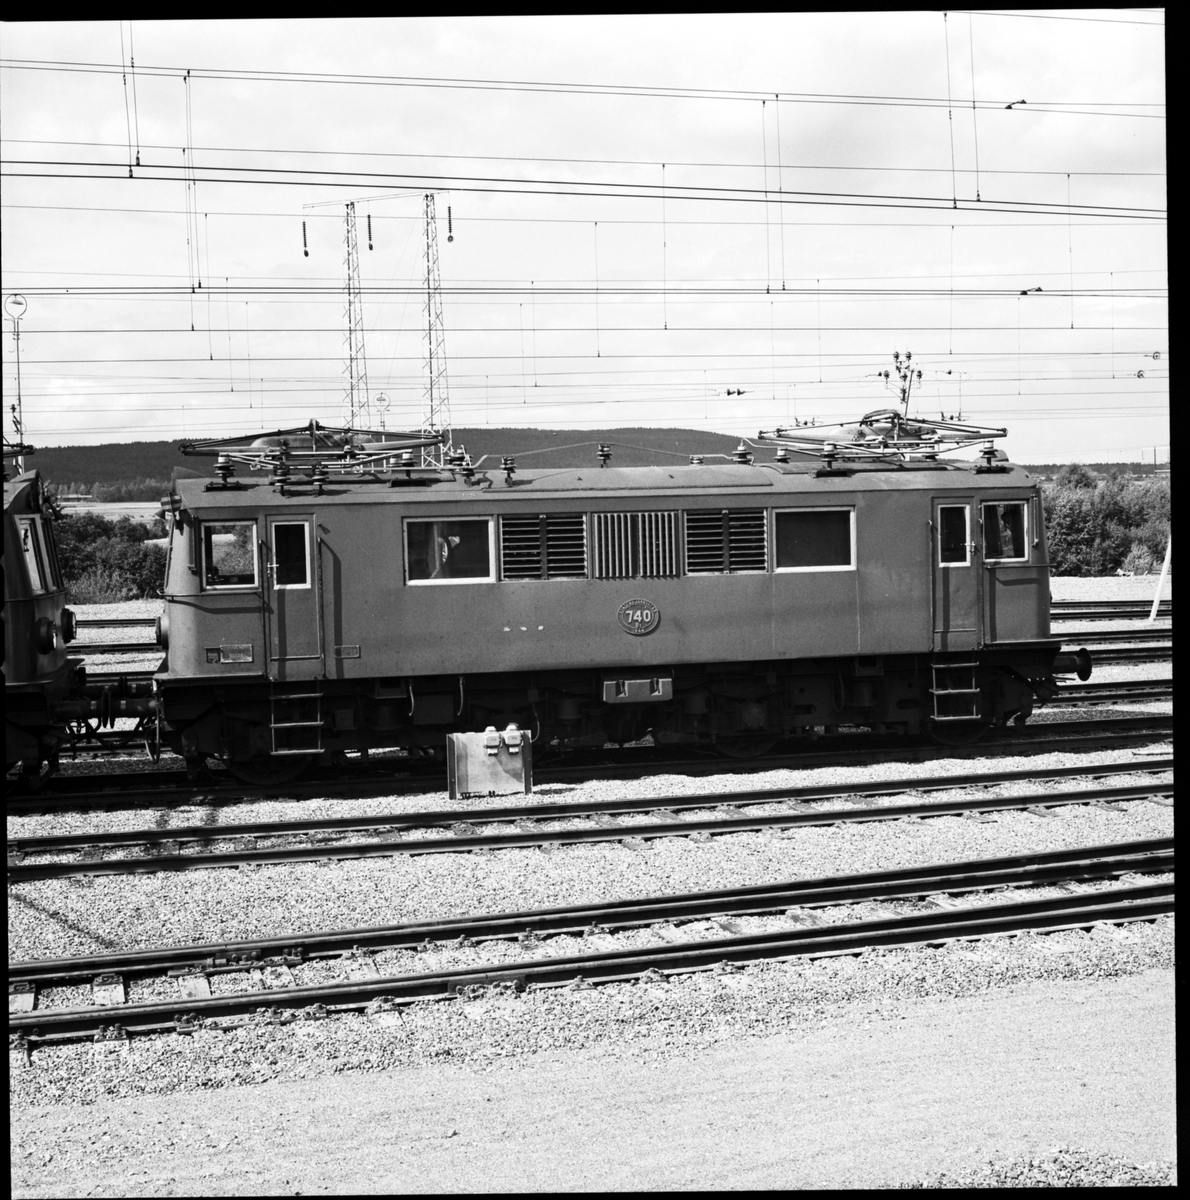 Från 1948 SJ Bk 740 tidigare BJ O 220